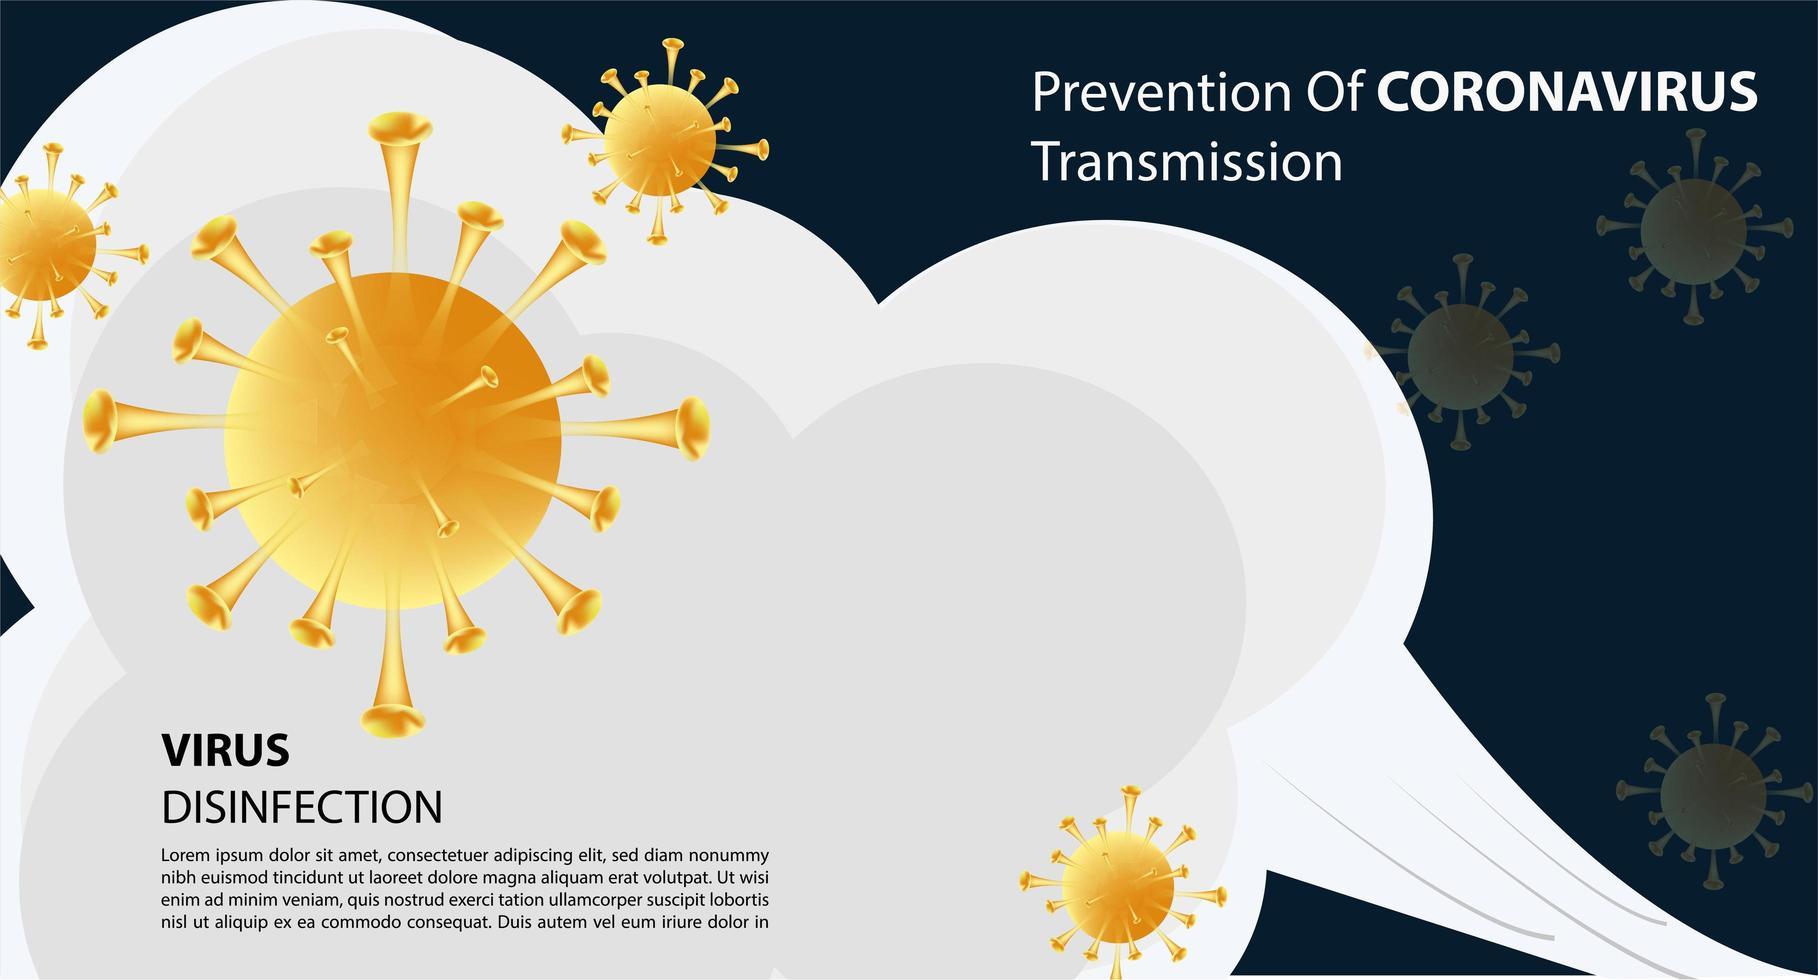 affiche de prévention de la transmission des coronavirus vecteur